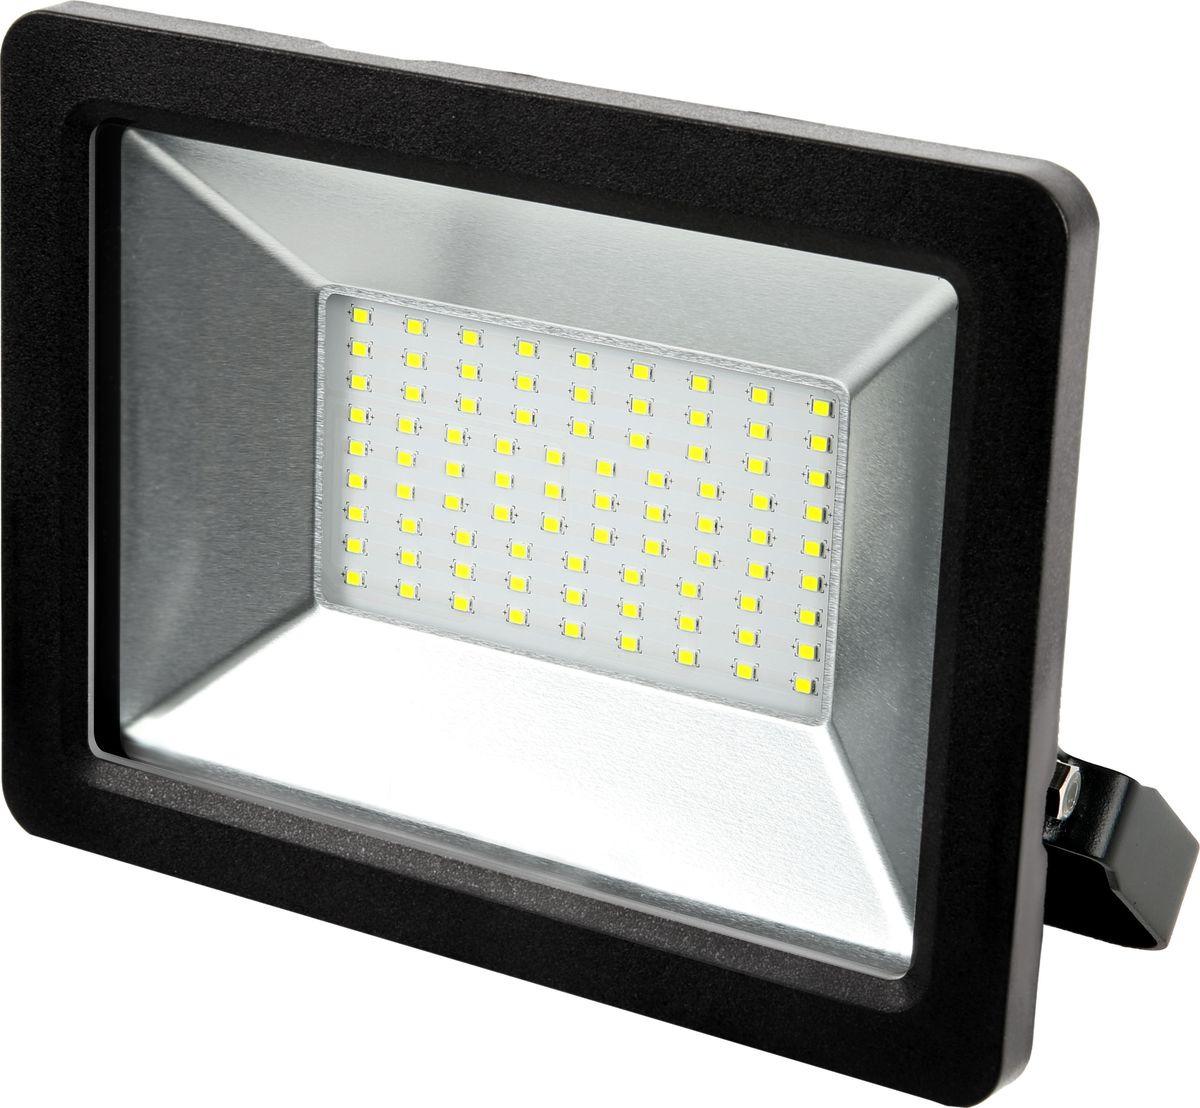 купить Прожектор Gauss LED светодиодный 70W, 4450Лм, IP65, 3000К, 1/24, 70 Вт онлайн